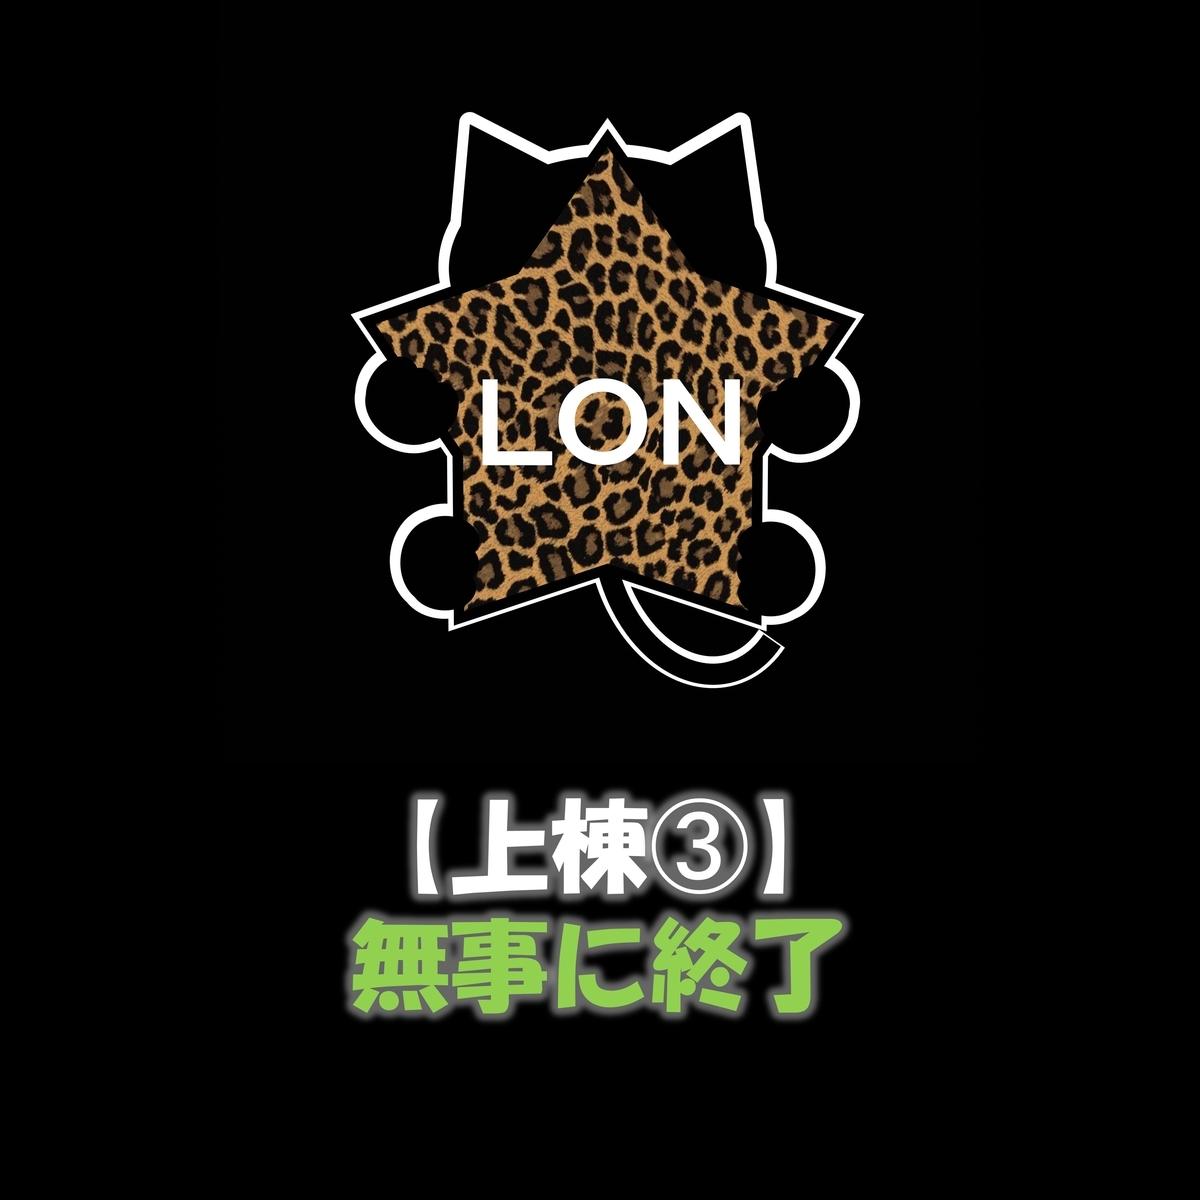 f:id:lon_blackcat:20201129160226j:plain